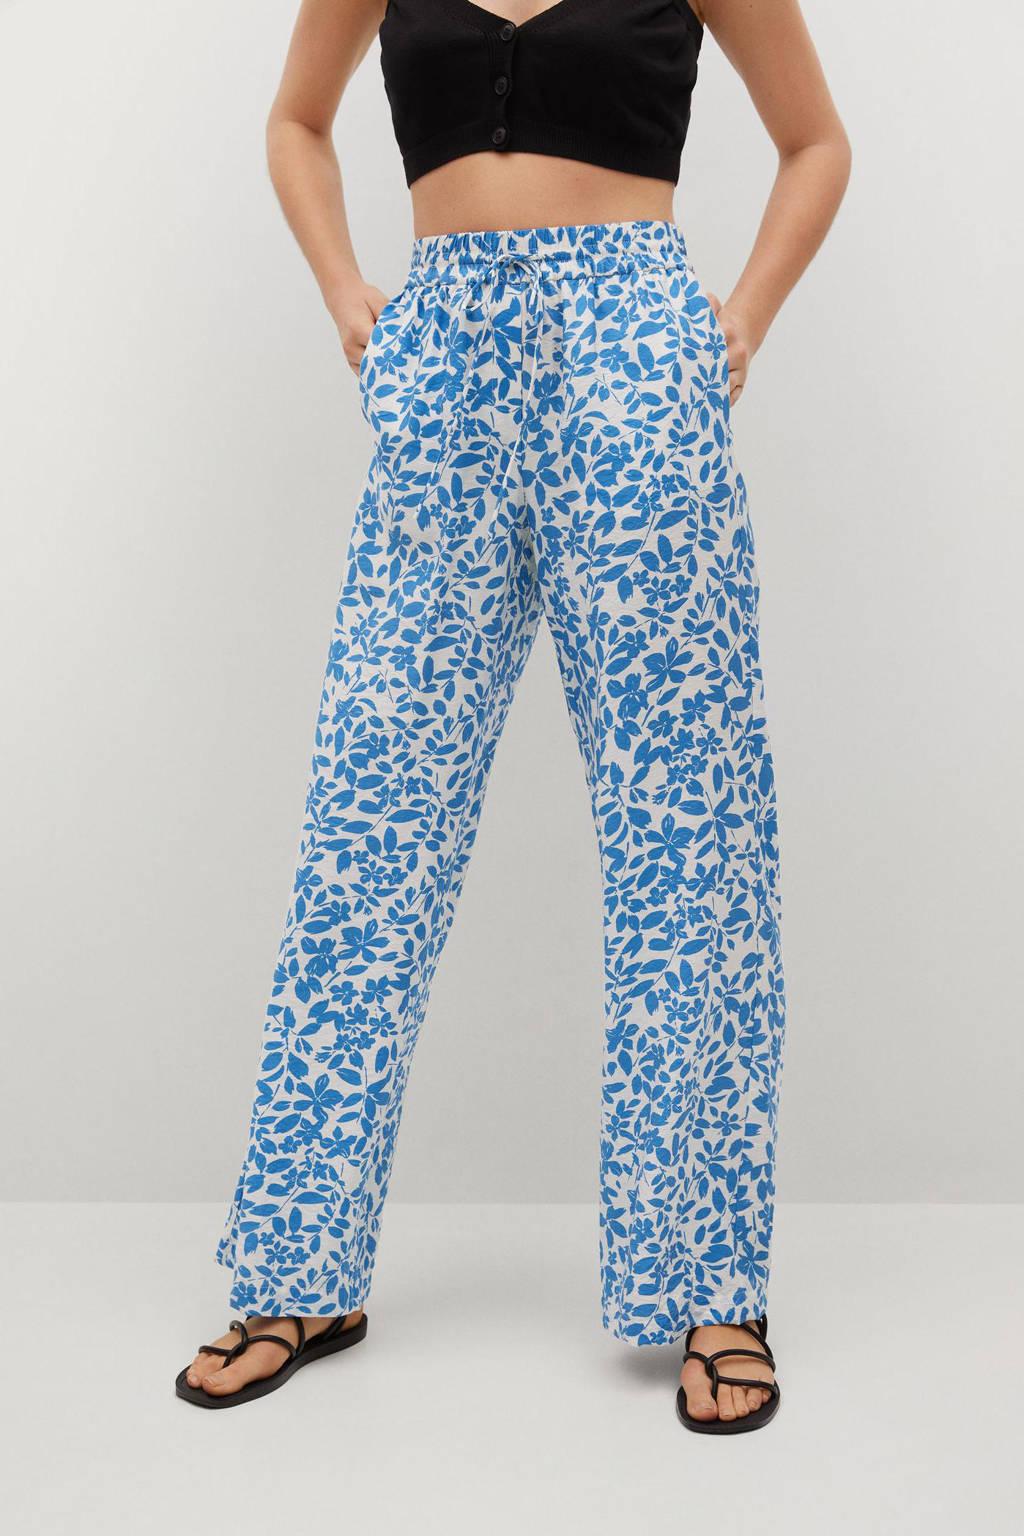 Mango gebloemde high waist loose fit broek lichtblauw/wit, Lichtblauw/wit